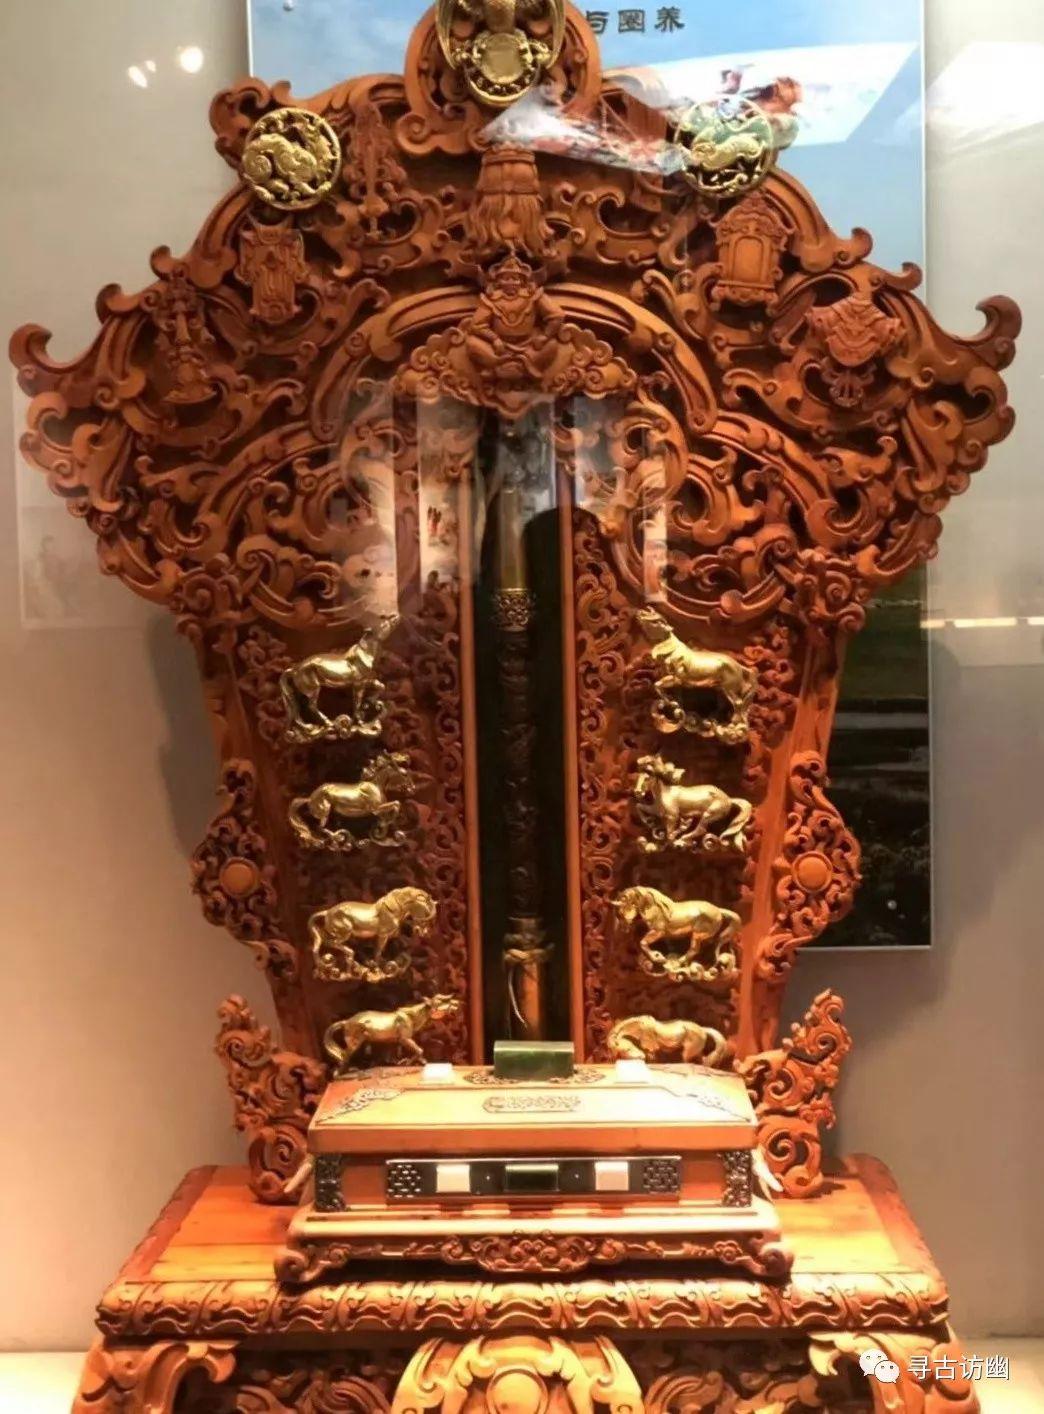 内蒙古锡林浩特博物馆 第15张 内蒙古锡林浩特博物馆 蒙古工艺